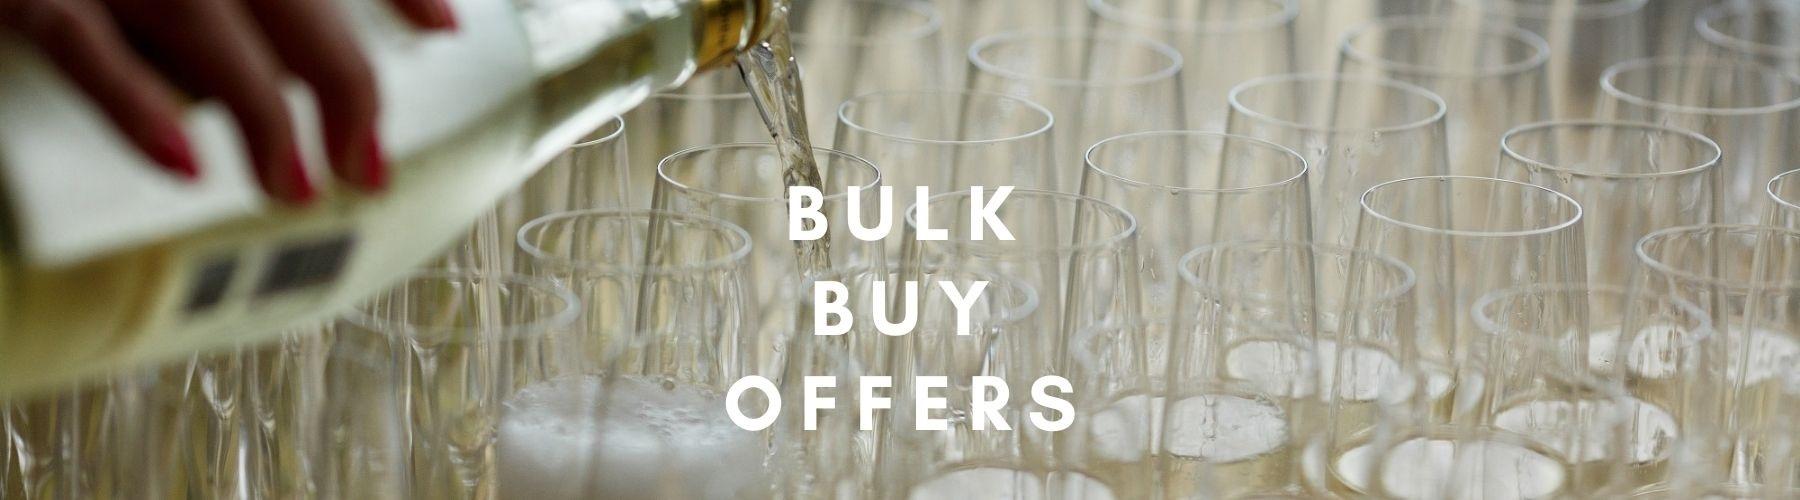 plastic_glasses_bulk_buy_offers_glassjacks